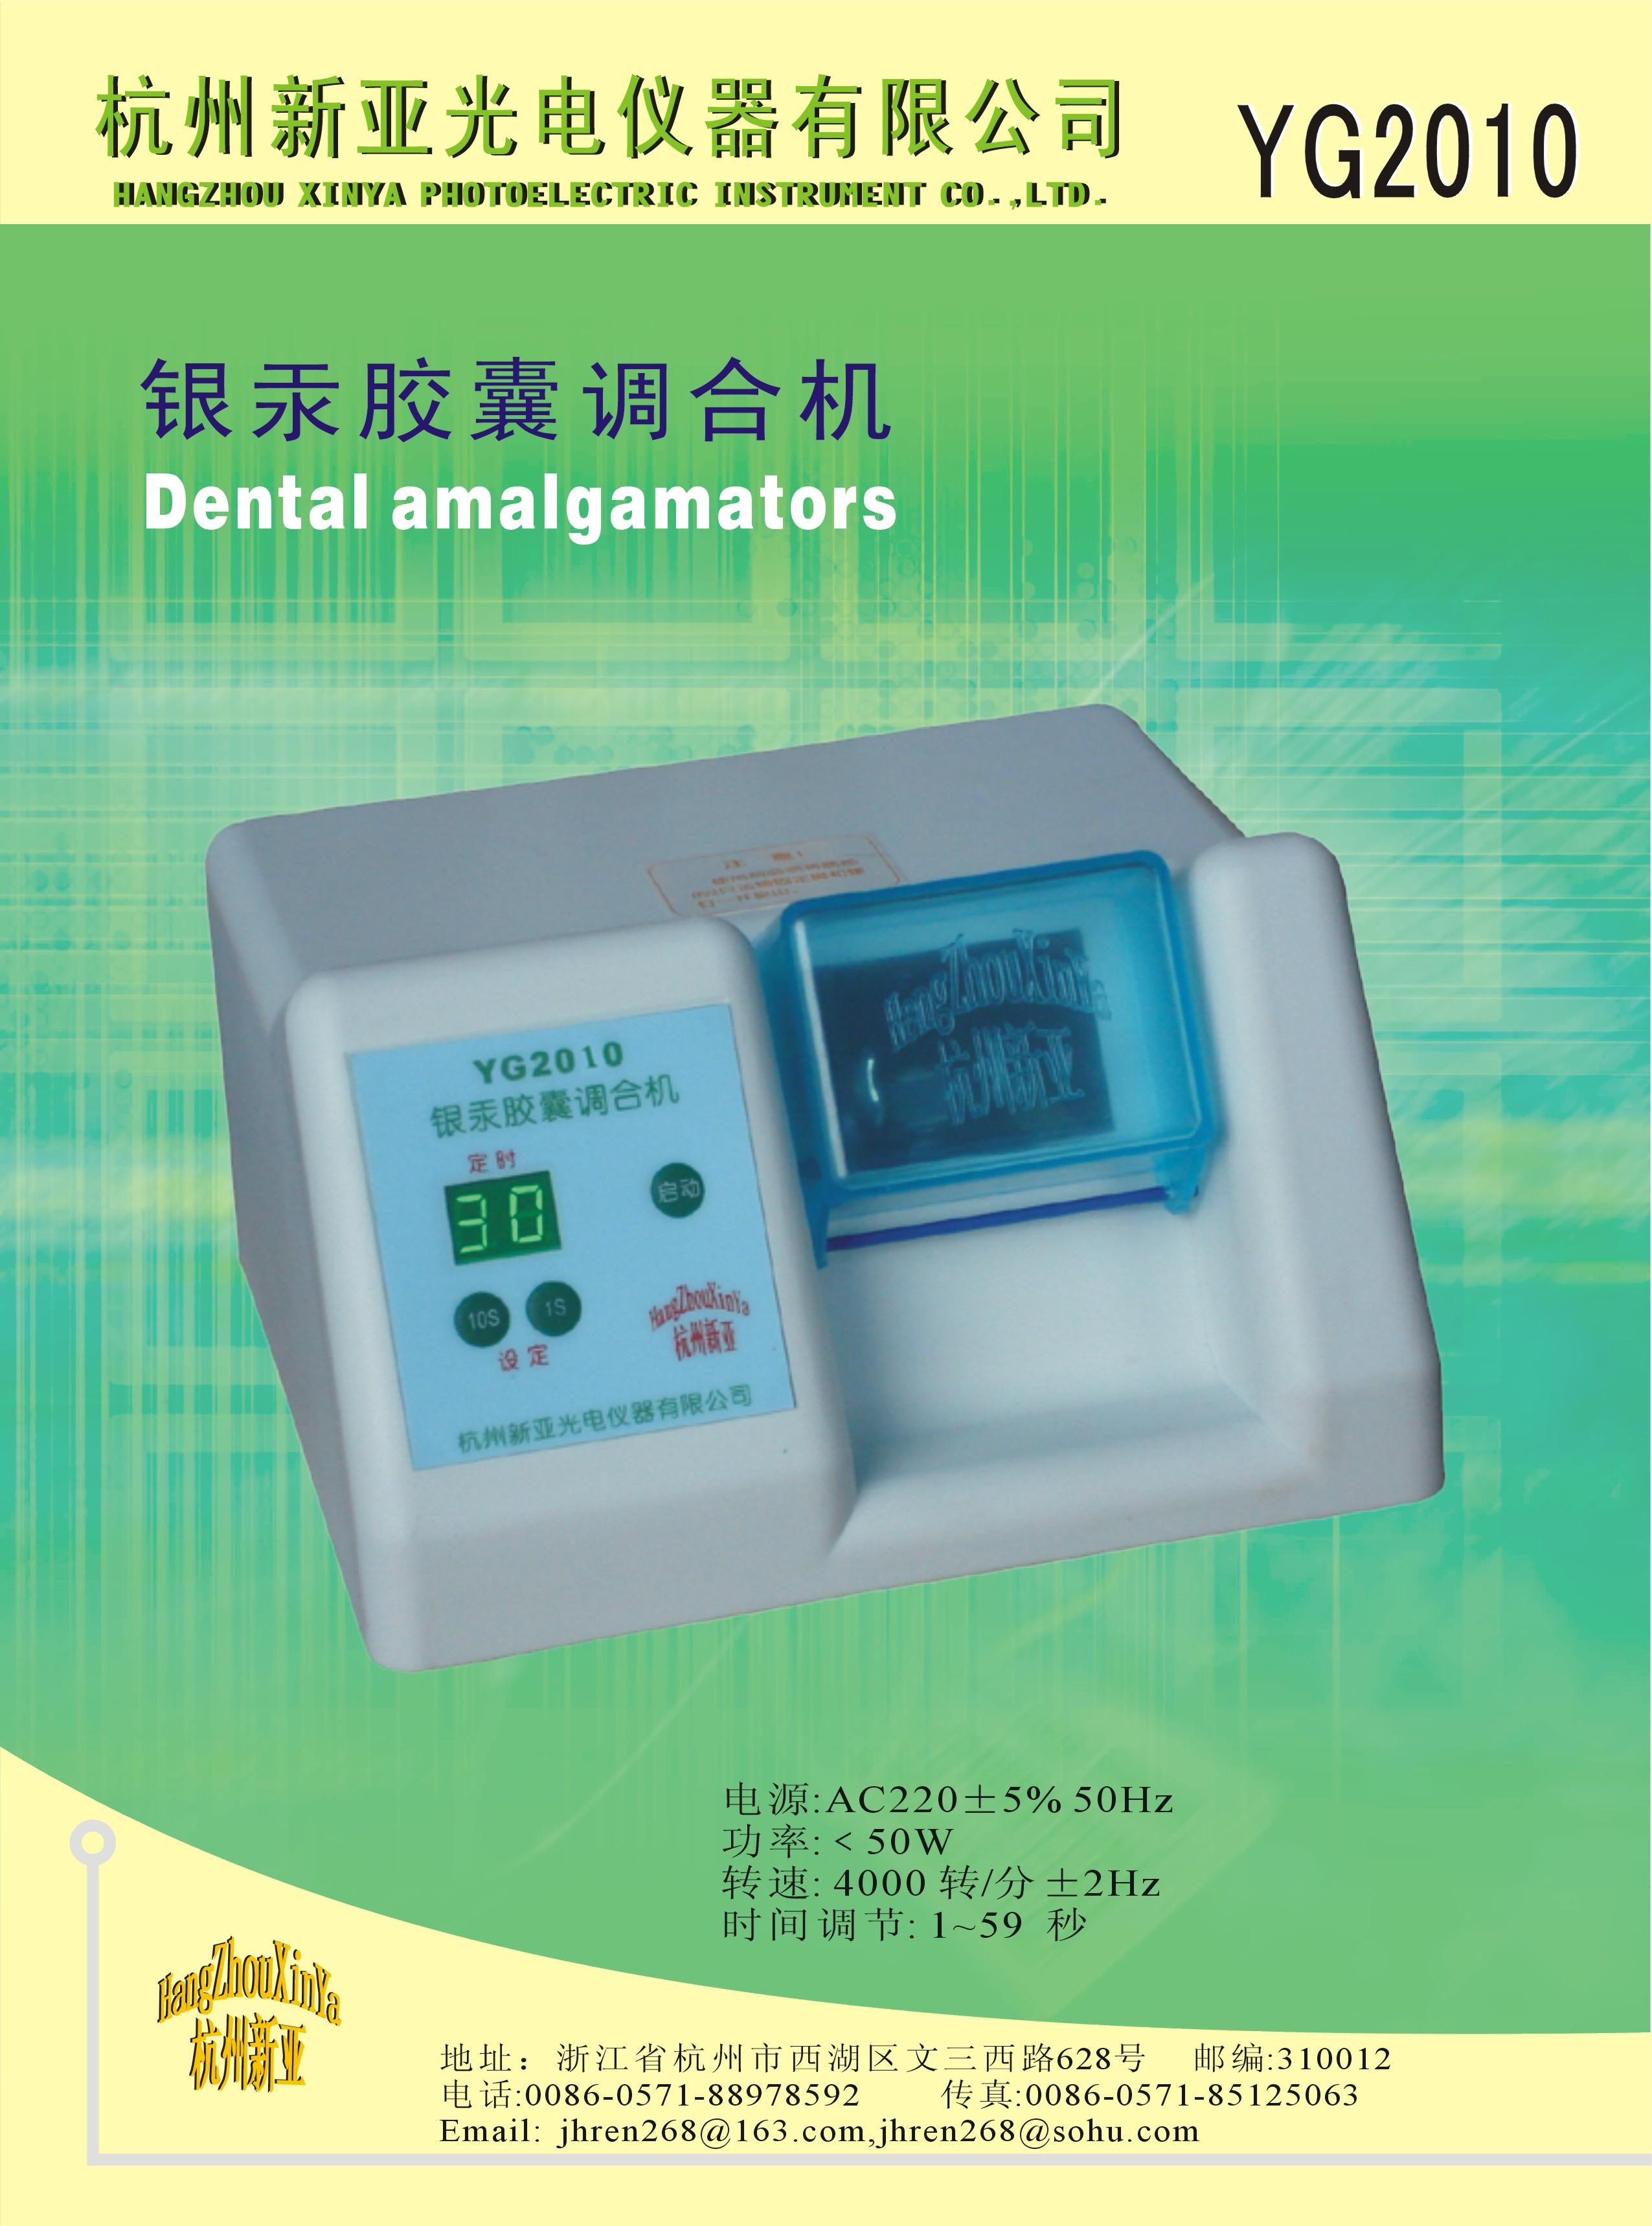 杭州新亚 银汞胶囊调合器 YG2010